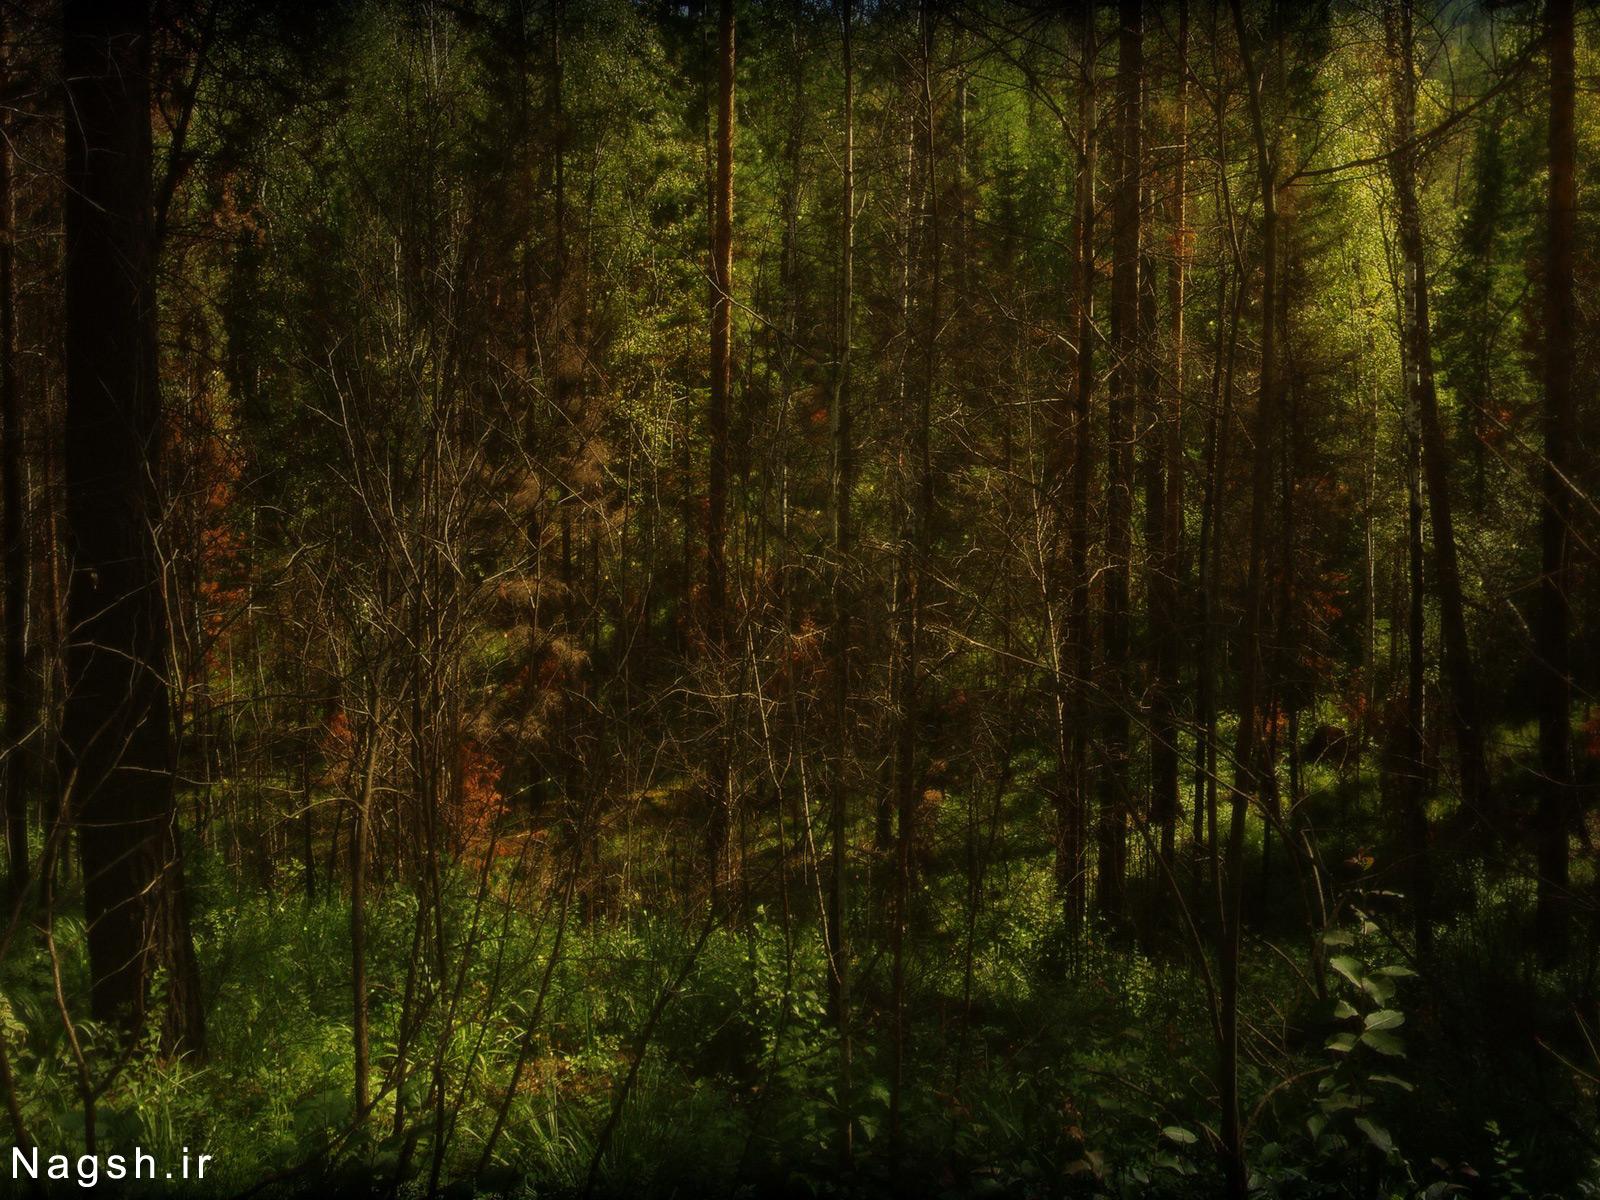 درختان سر به فلک کشیده